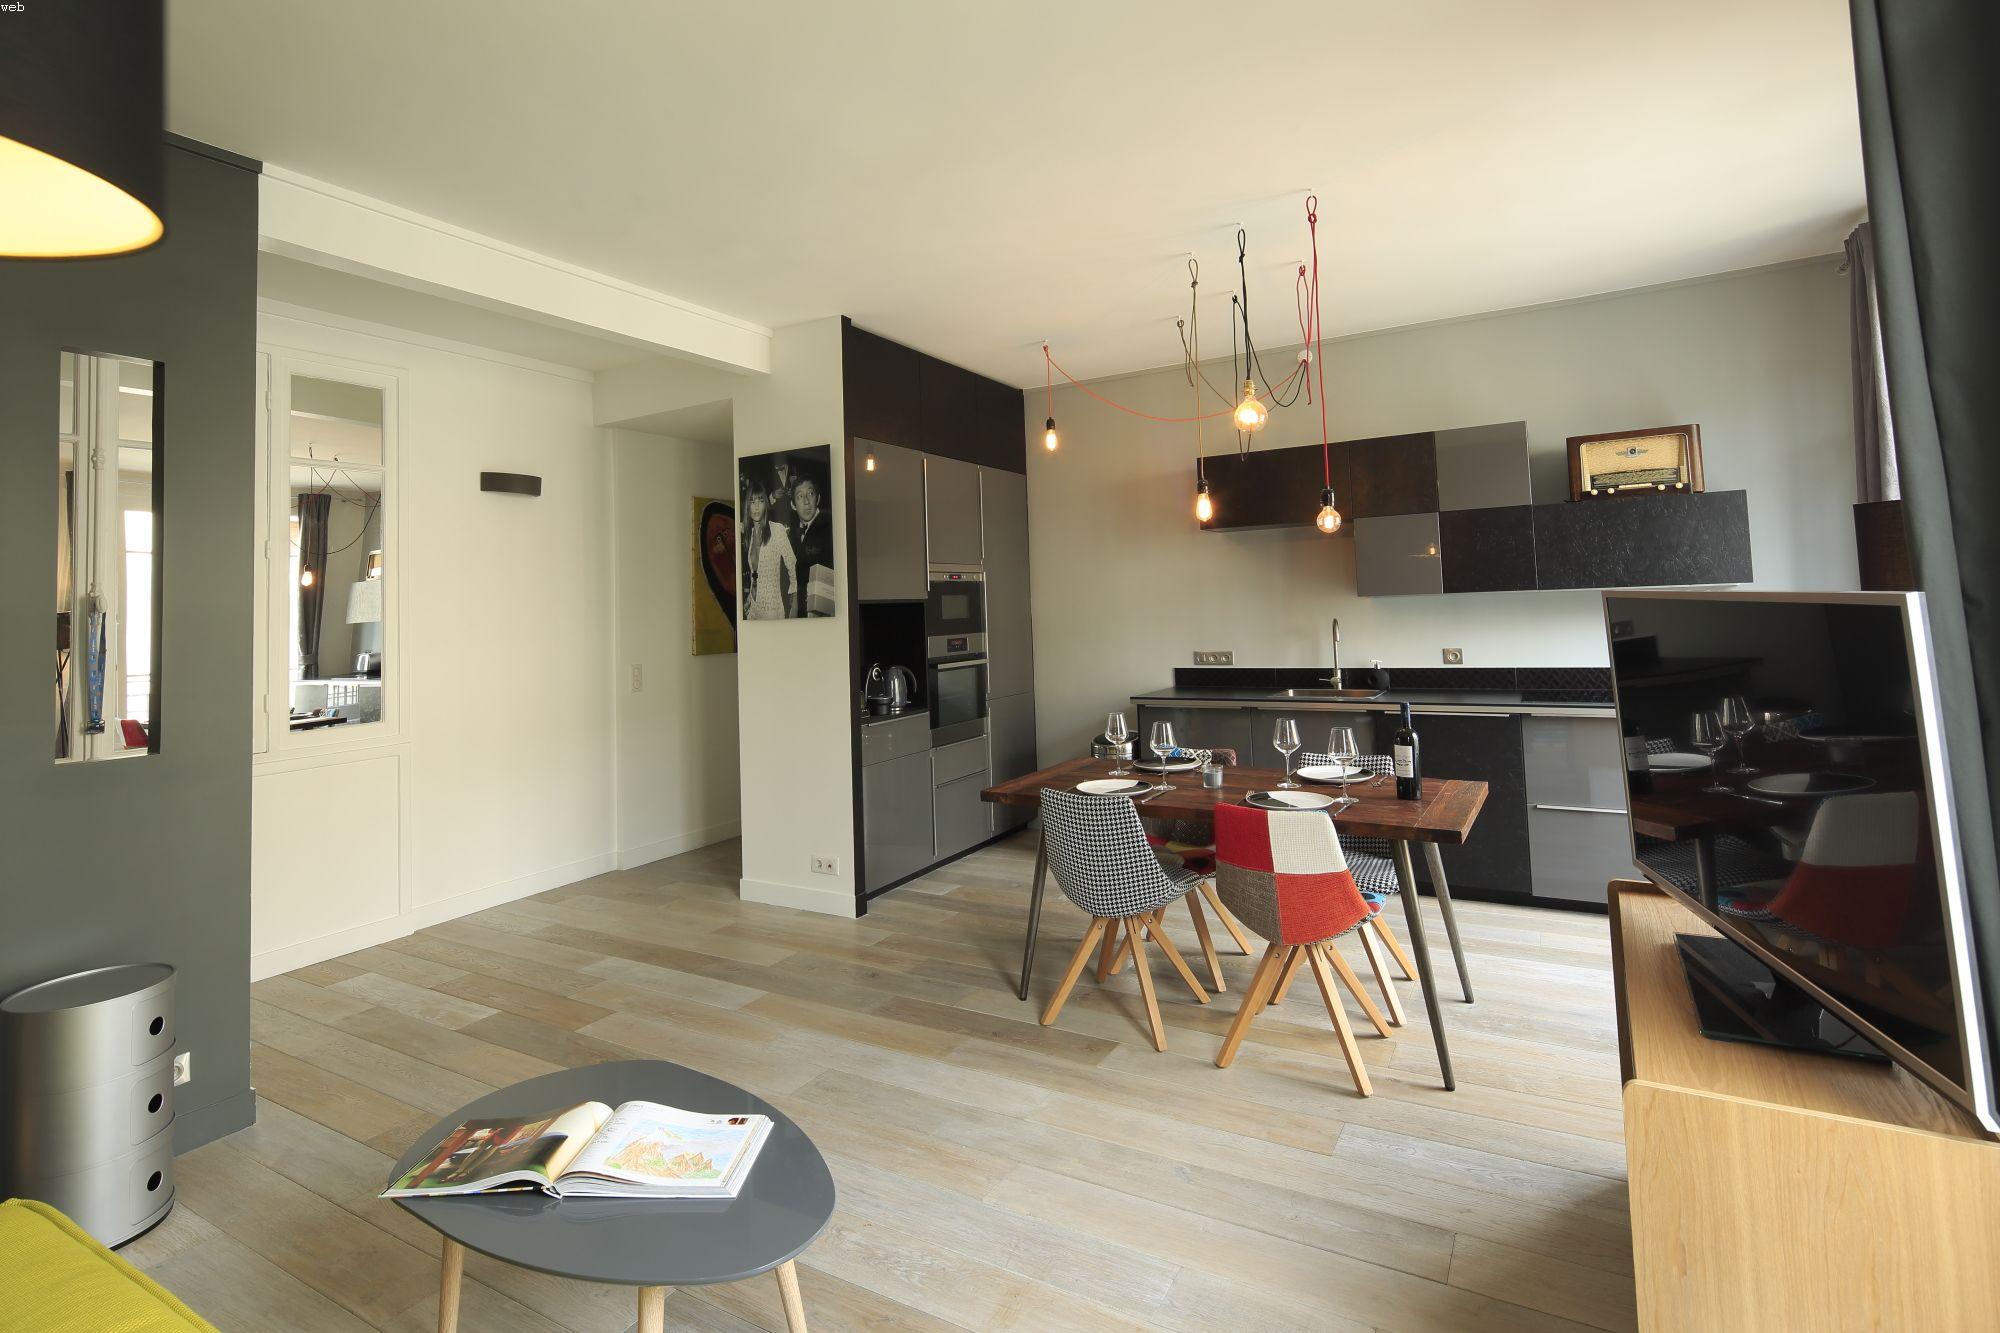 Le projet de bertrand moka projet - La cuisine de bertrand ...